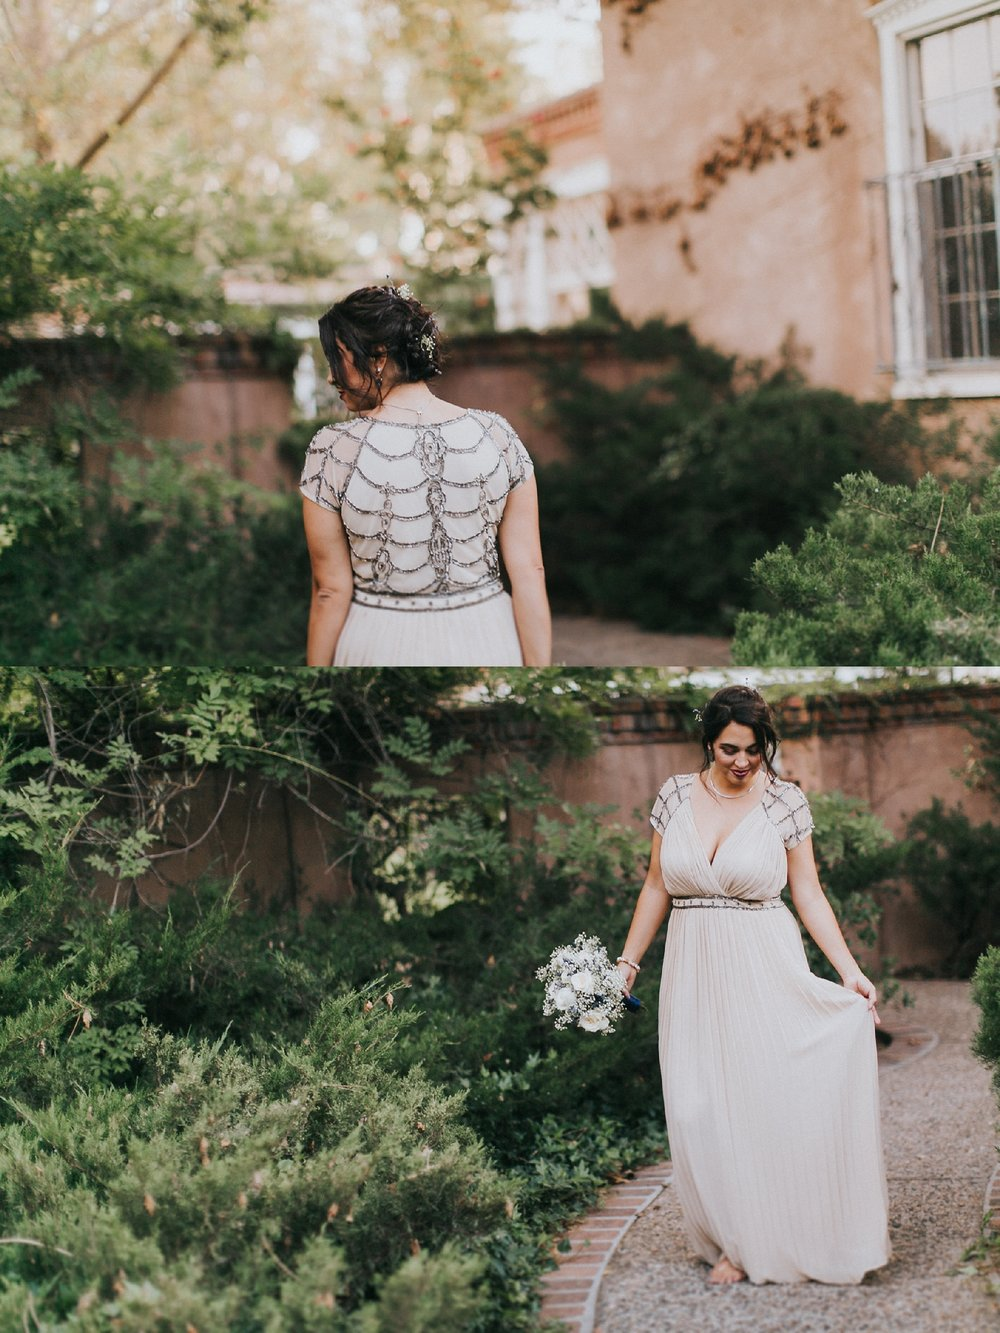 Alicia+lucia+photography+-+albuquerque+wedding+photographer+-+santa+fe+wedding+photography+-+new+mexico+wedding+photographer+-+albuquerque+wedding+-+santa+fe+wedding+-+wedding+gowns+-+non+traditional+wedding+gowns_0046.jpg